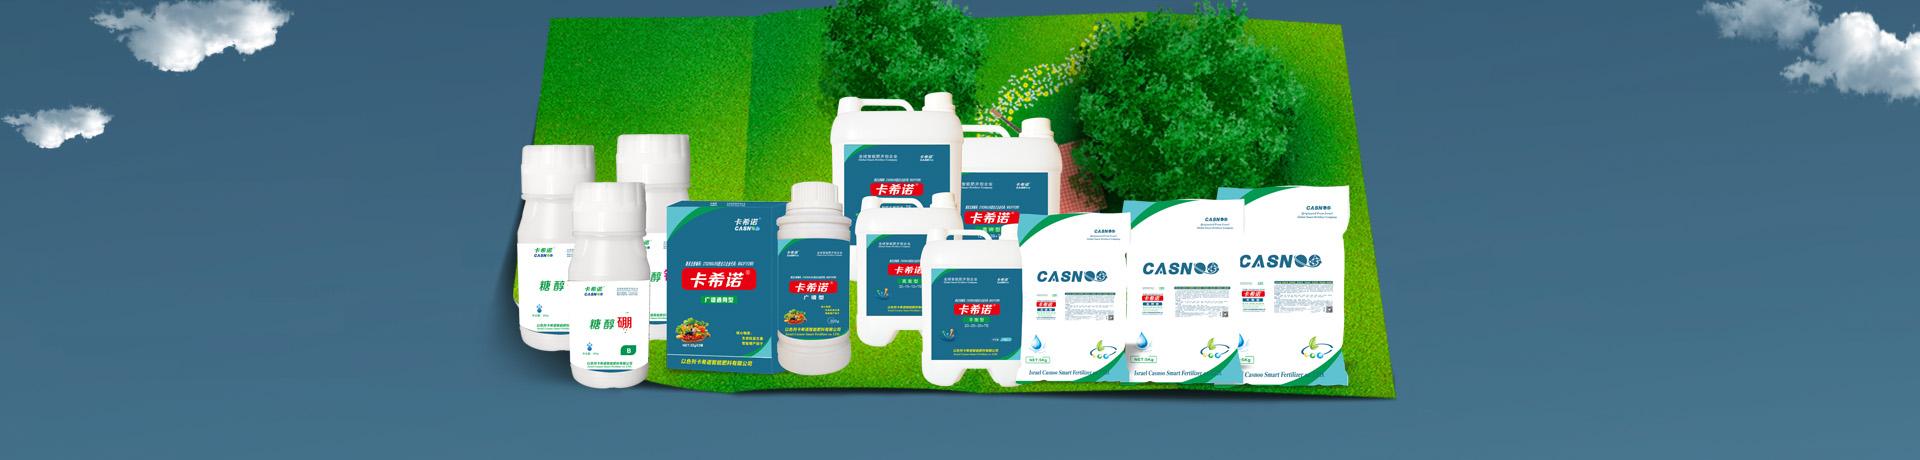 巴西蒙戈单一元素系列产品分类